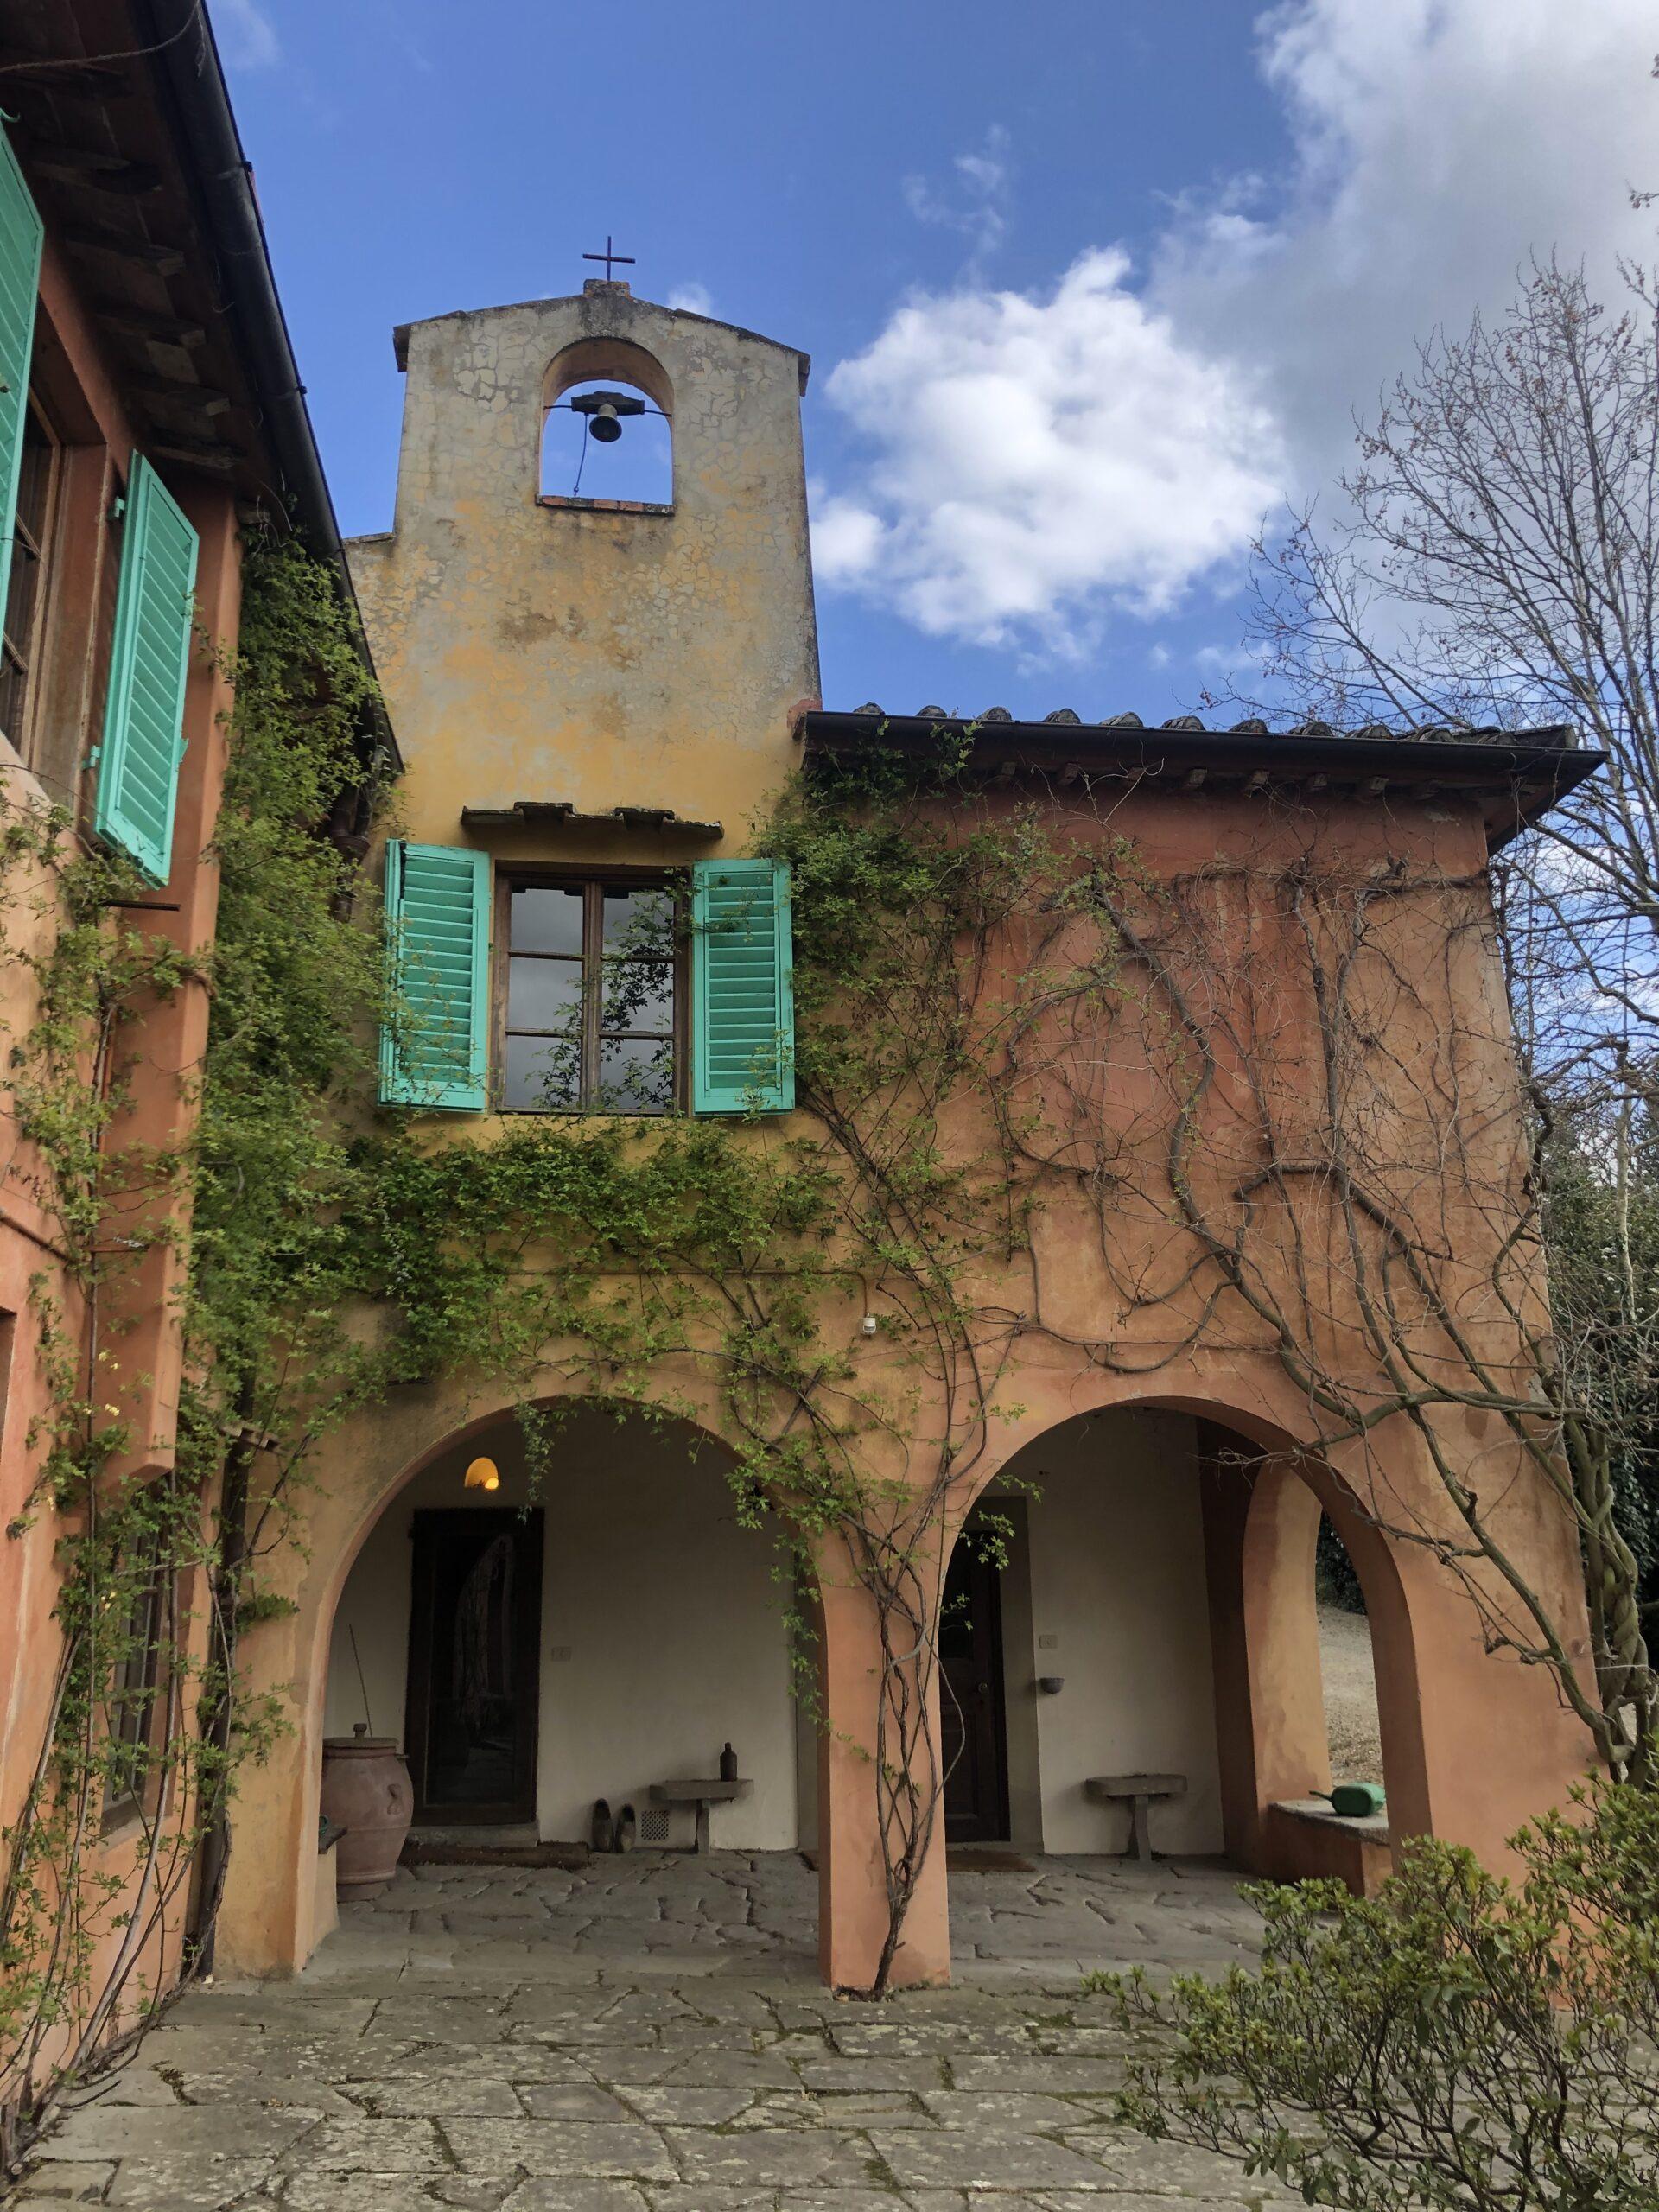 Farm in Fiesole